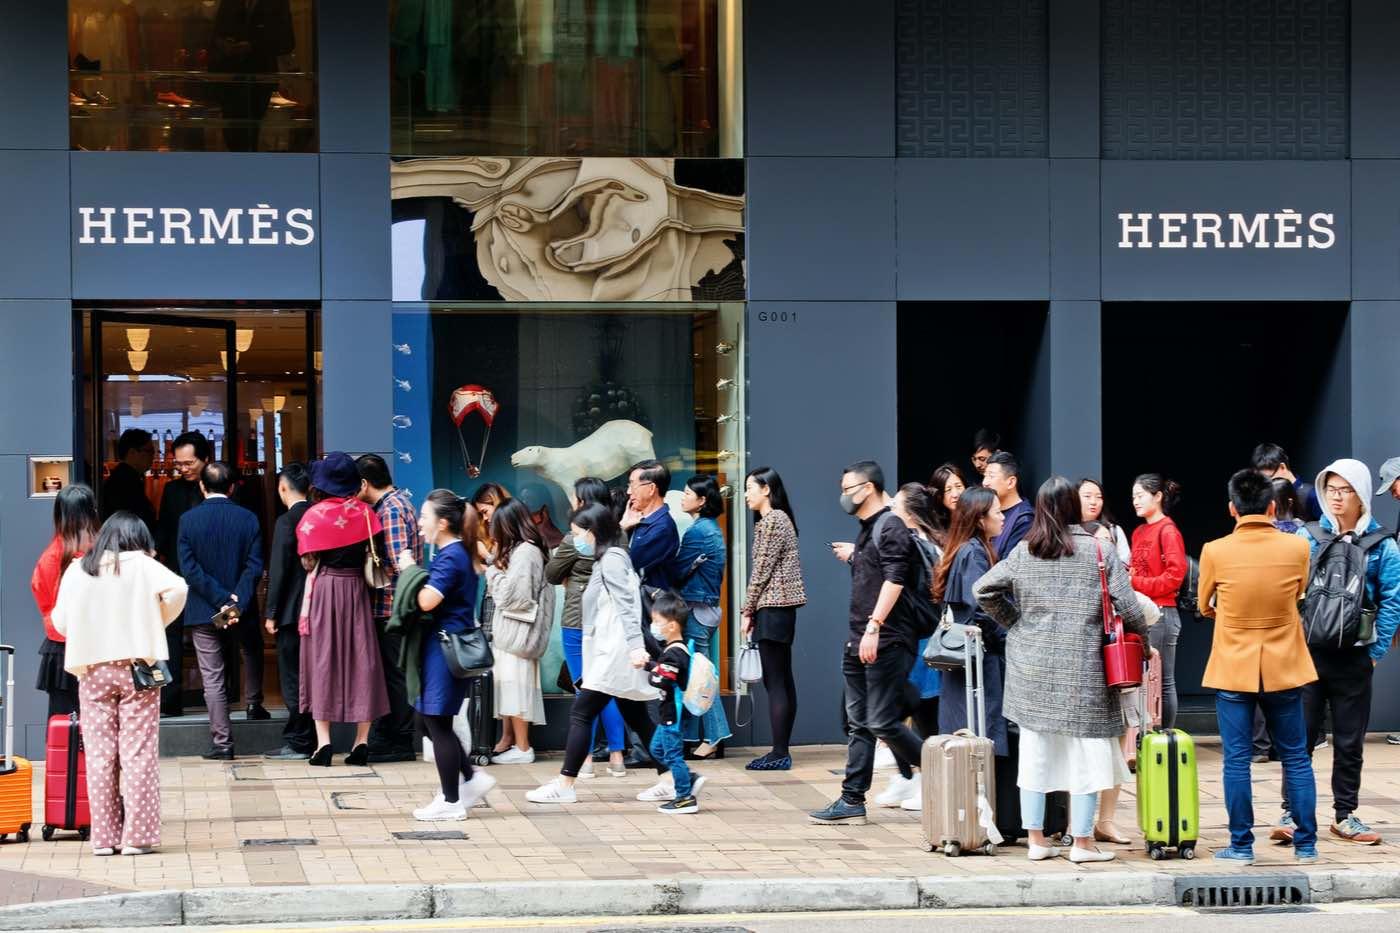 La exclusiva tienda Hermès en Guangzhou, China registró ventas de $2,7 millones en un día.